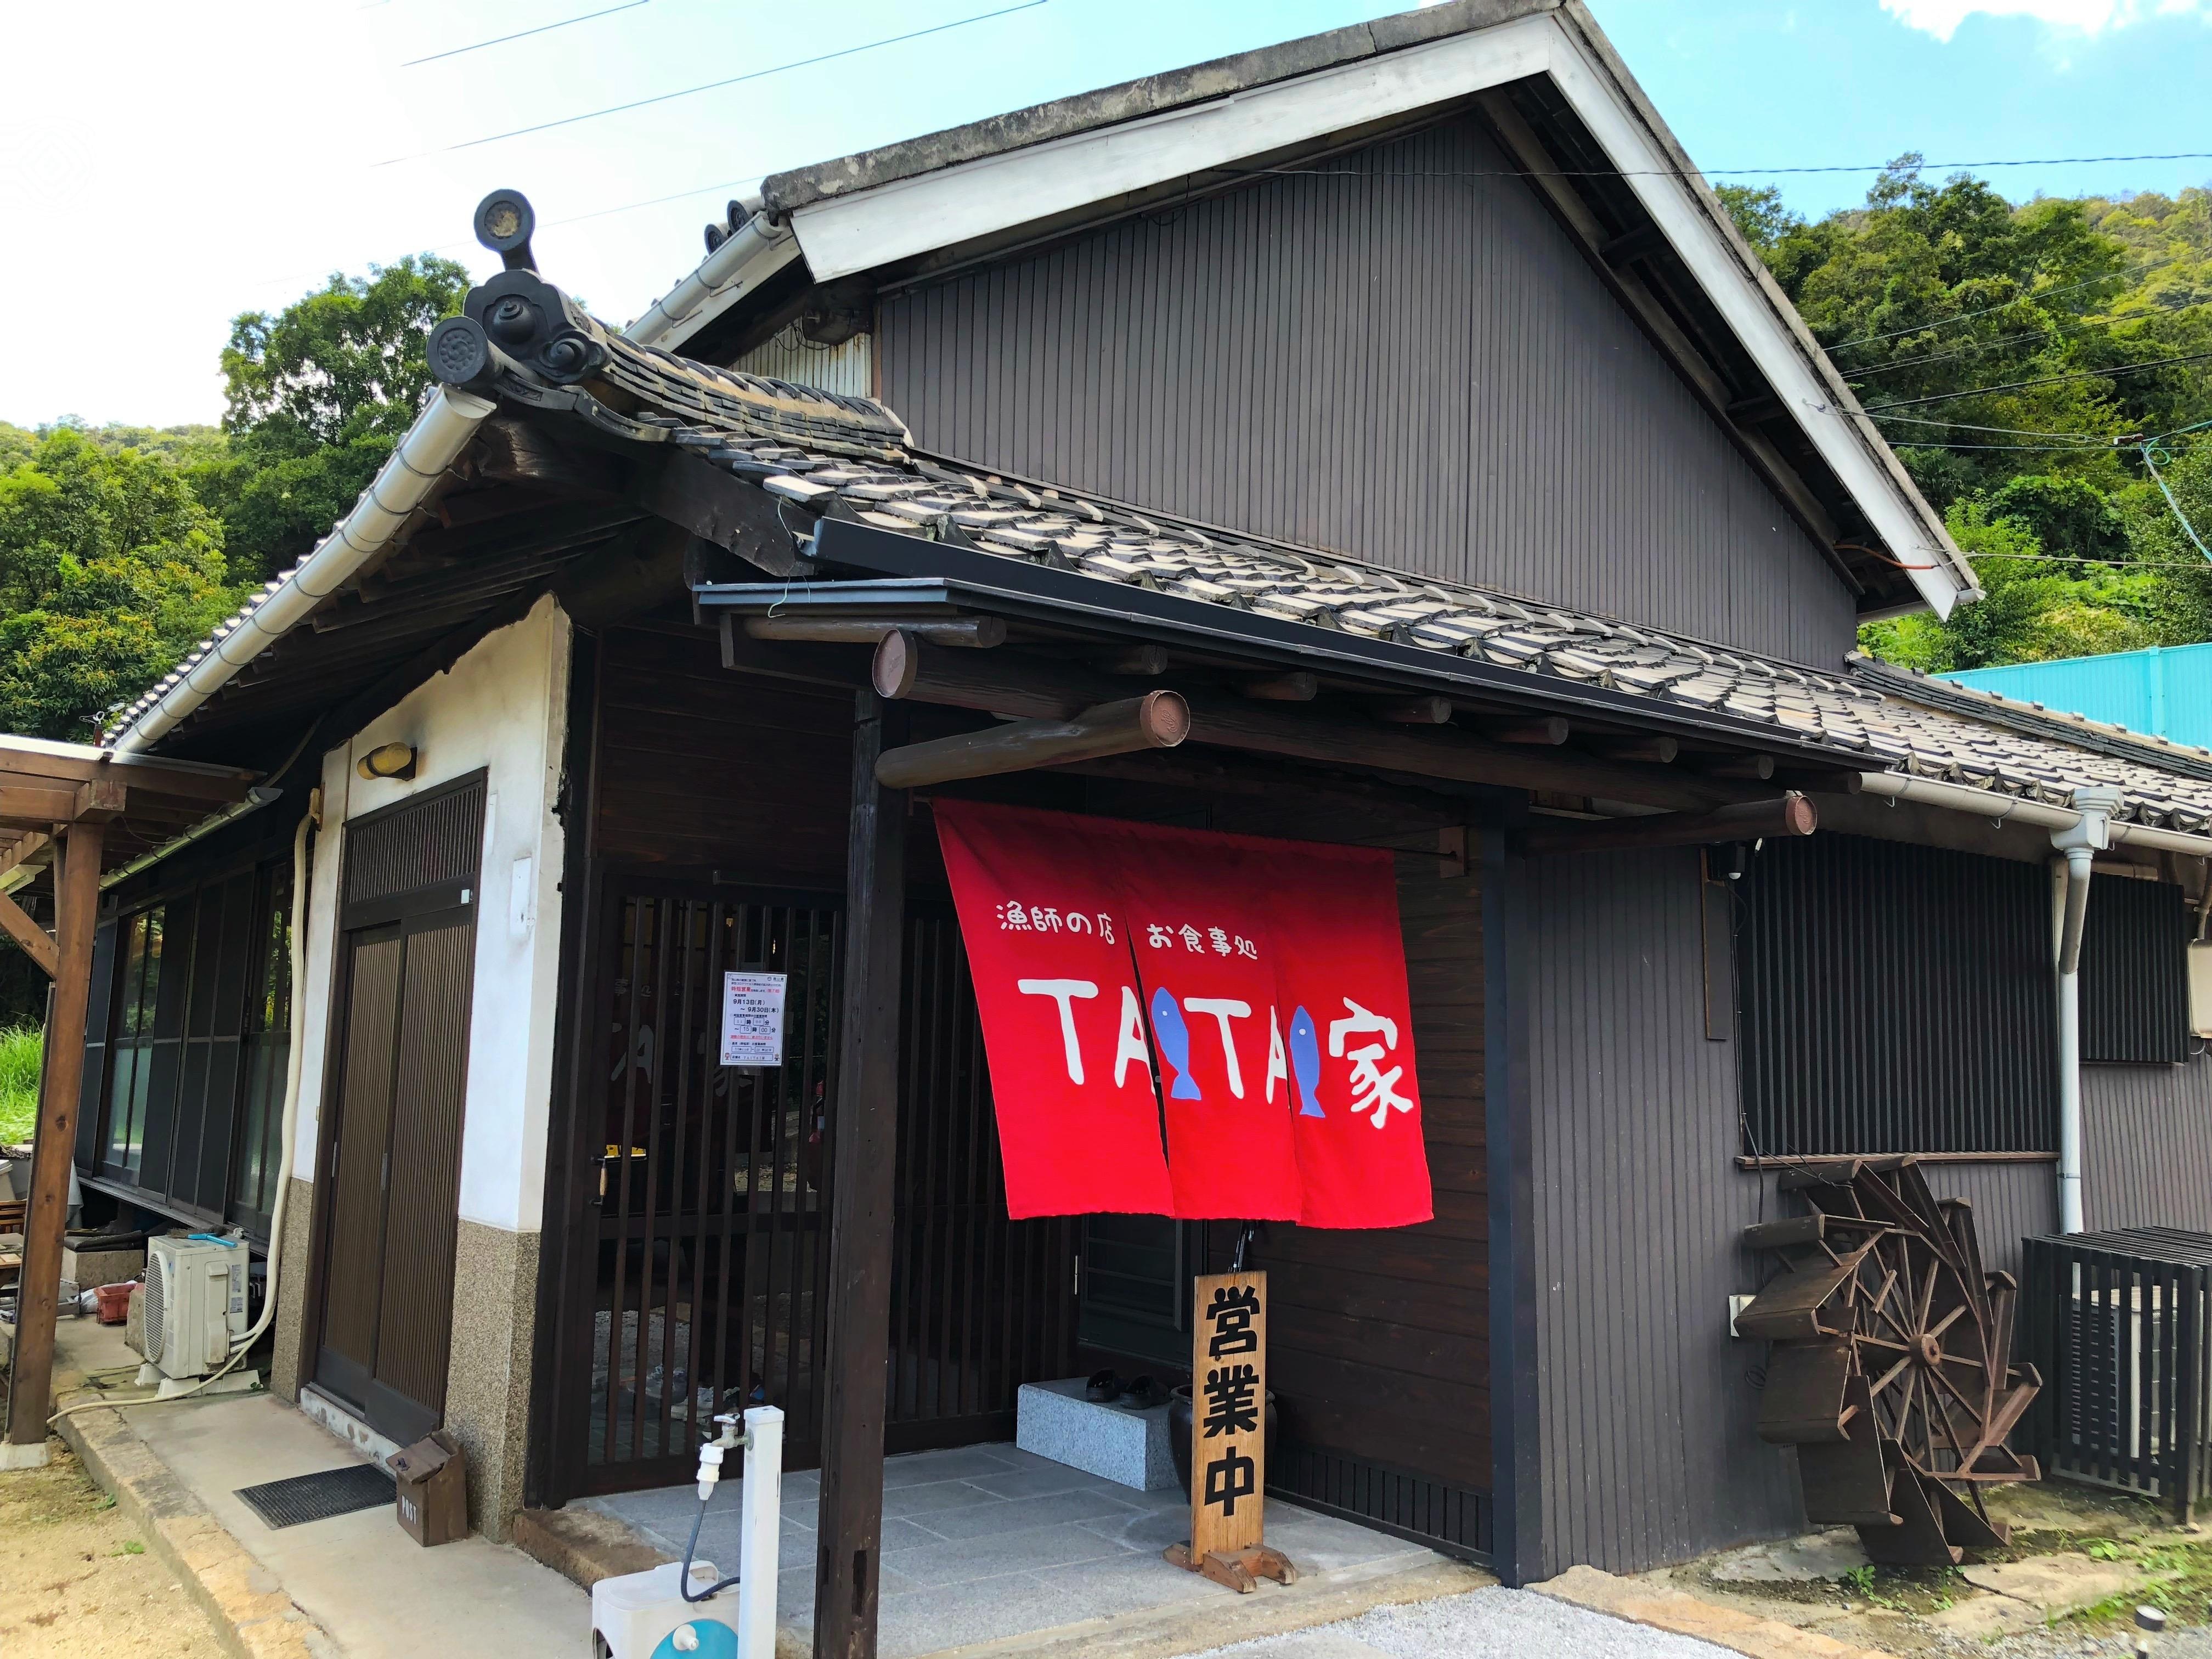 グルメリポート~「TAITAI家(たいたいや)」漁師の店主がとった魚をそのまま調理。ボリュームある漁師メシ!~